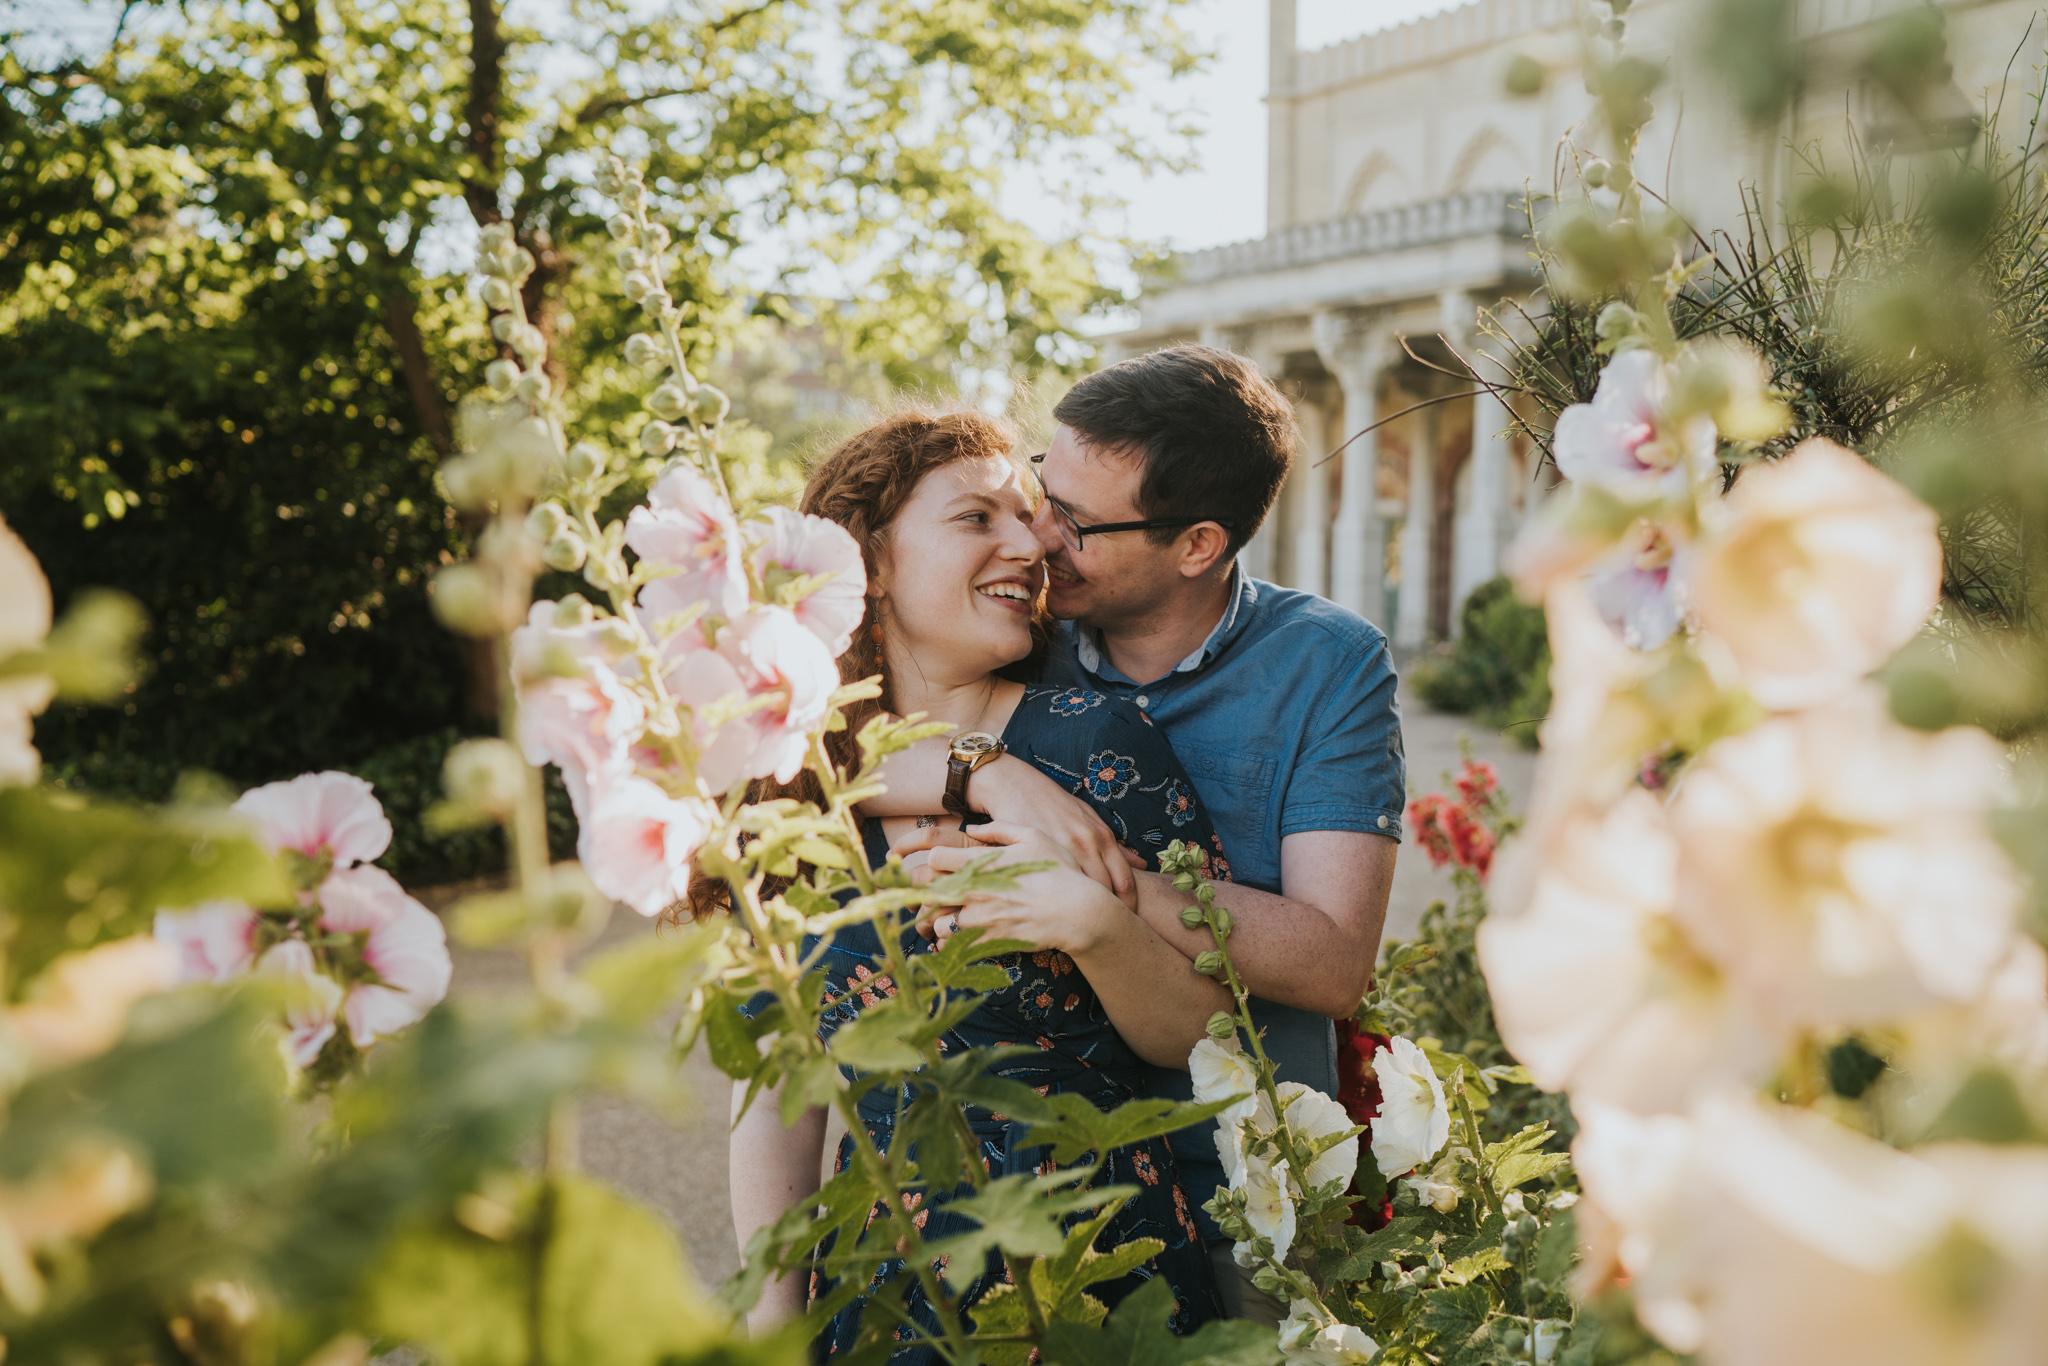 philippa-mark-pre-wedding-session-brighton-pier-colchester-grace-elizabeth-colchester-essex-alternative-wedding-lifestyle-photographer-essex-suffolk-norfolk-devon-36.jpg